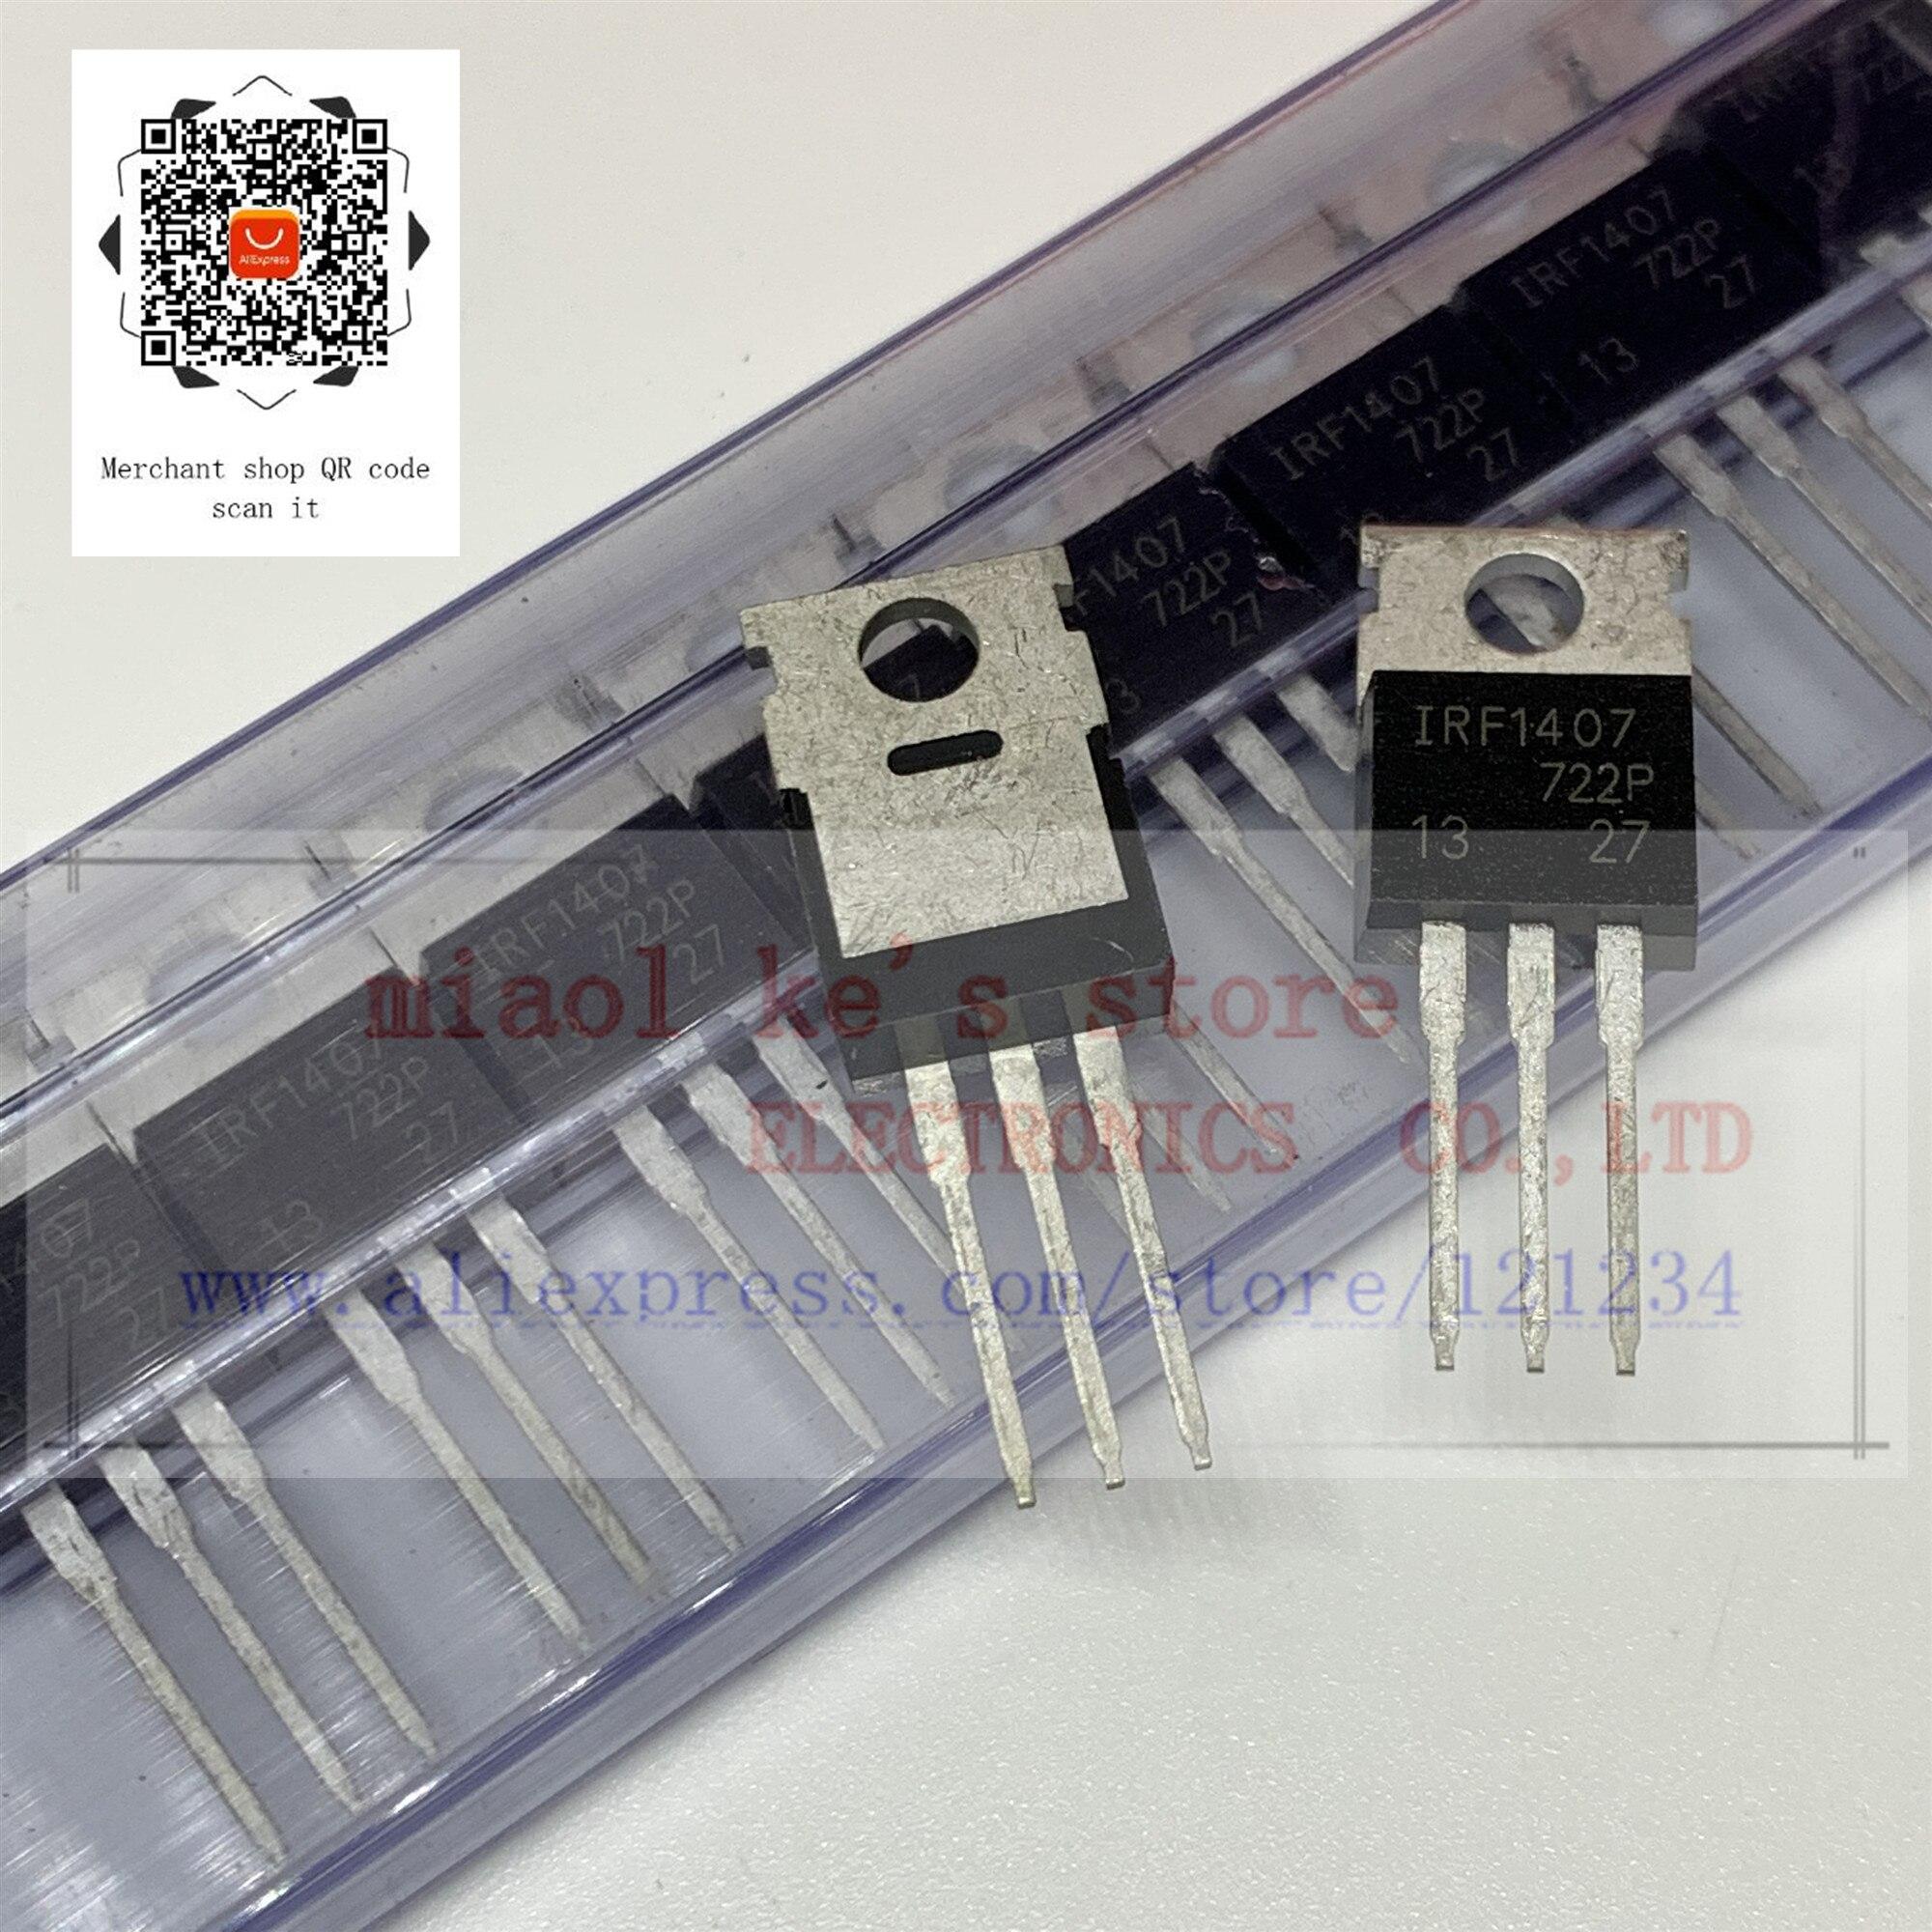 [ 5pcs-10pcs]100%New Original; IRF1407 IRF1407PBF - MOSFET N-Channel 75V 130A(Tc) 330W(Tc) TO-220AB